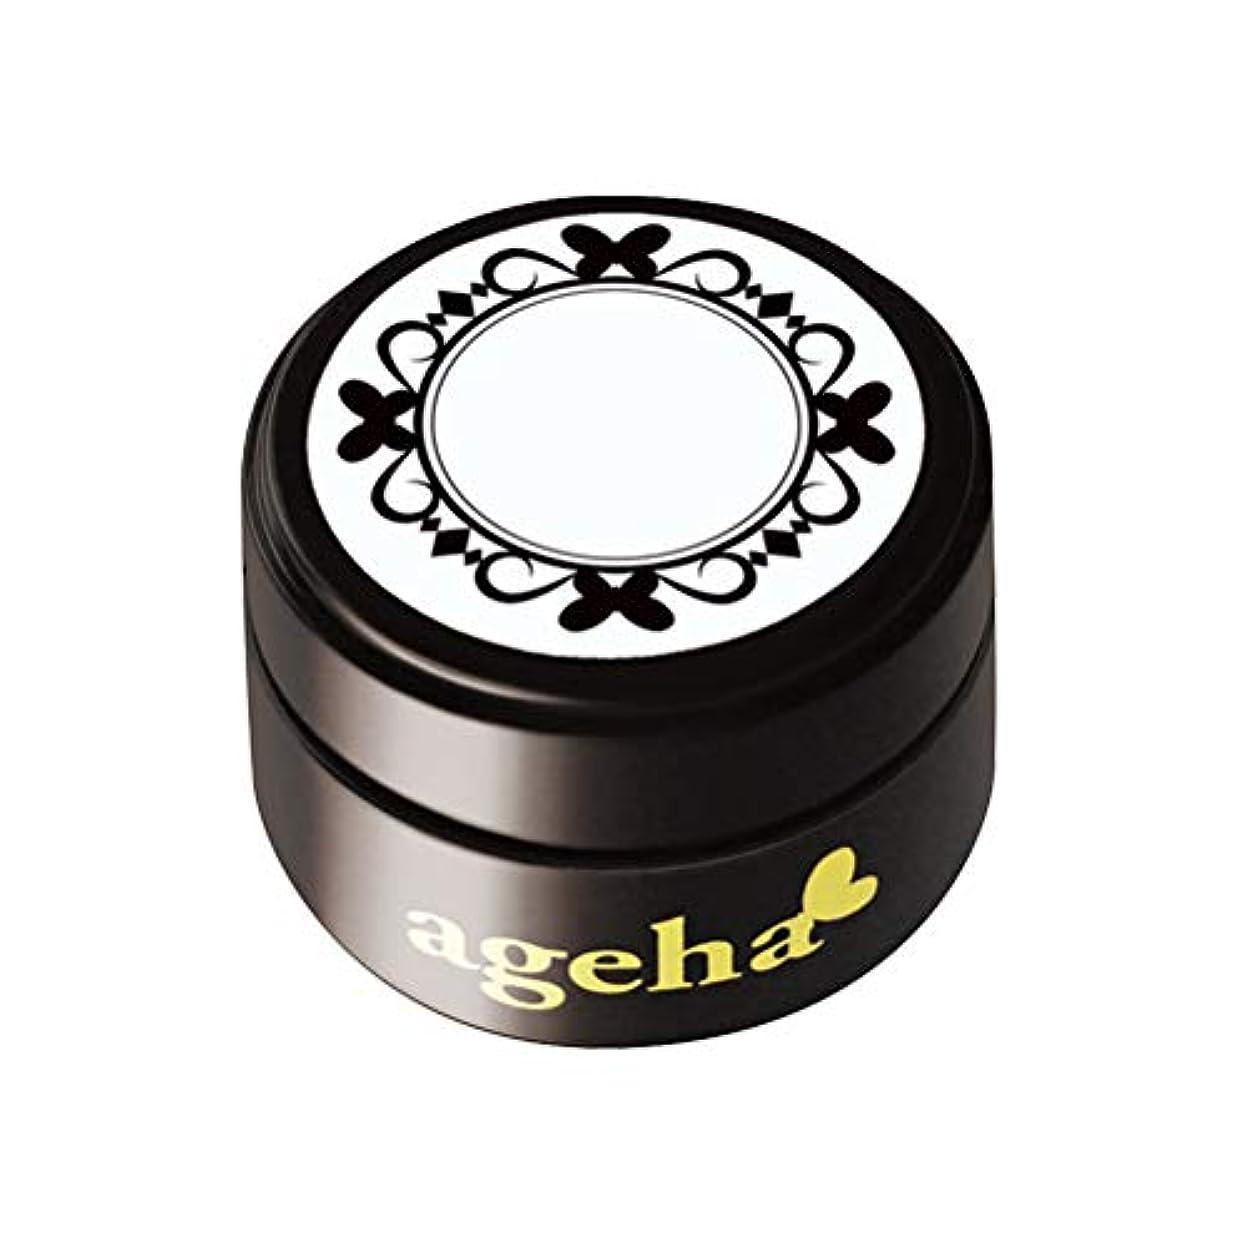 見習い負荷感性ageha コスメカラー 141 ソーダG?MIX 2.7g UV/LED対応